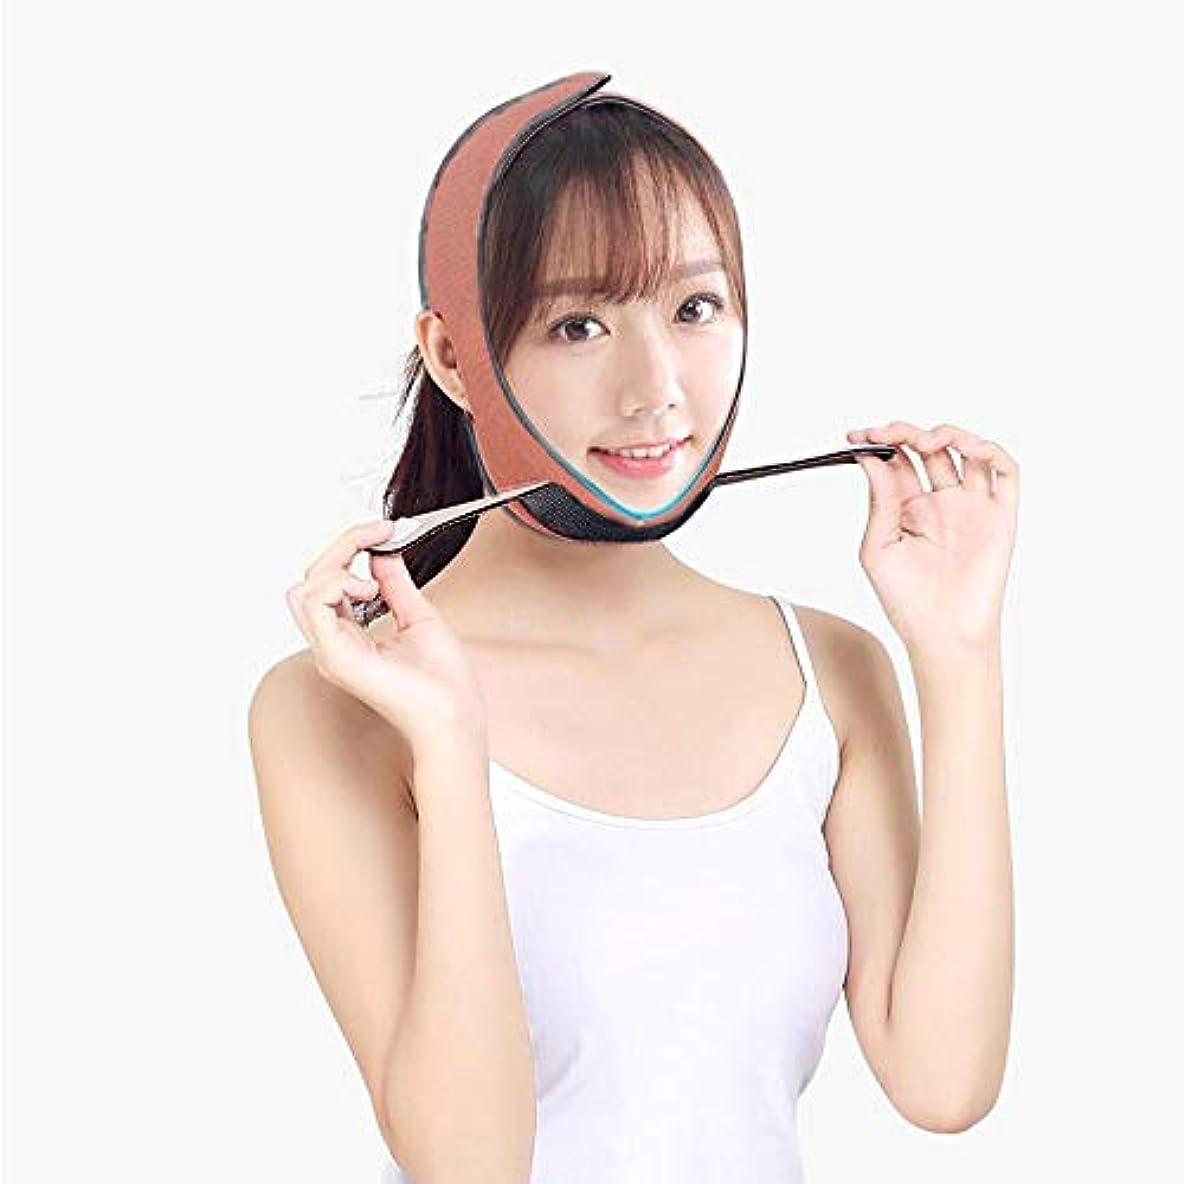 後退する空中副詞飛強強 フェイシャルリフティングスリミングベルト - 薄いフェイス包帯Vフェイス包帯マスクフェイシャルマッサージャー無料整形マスク顔と首の顔を引き締めますスリム スリムフィット美容ツール